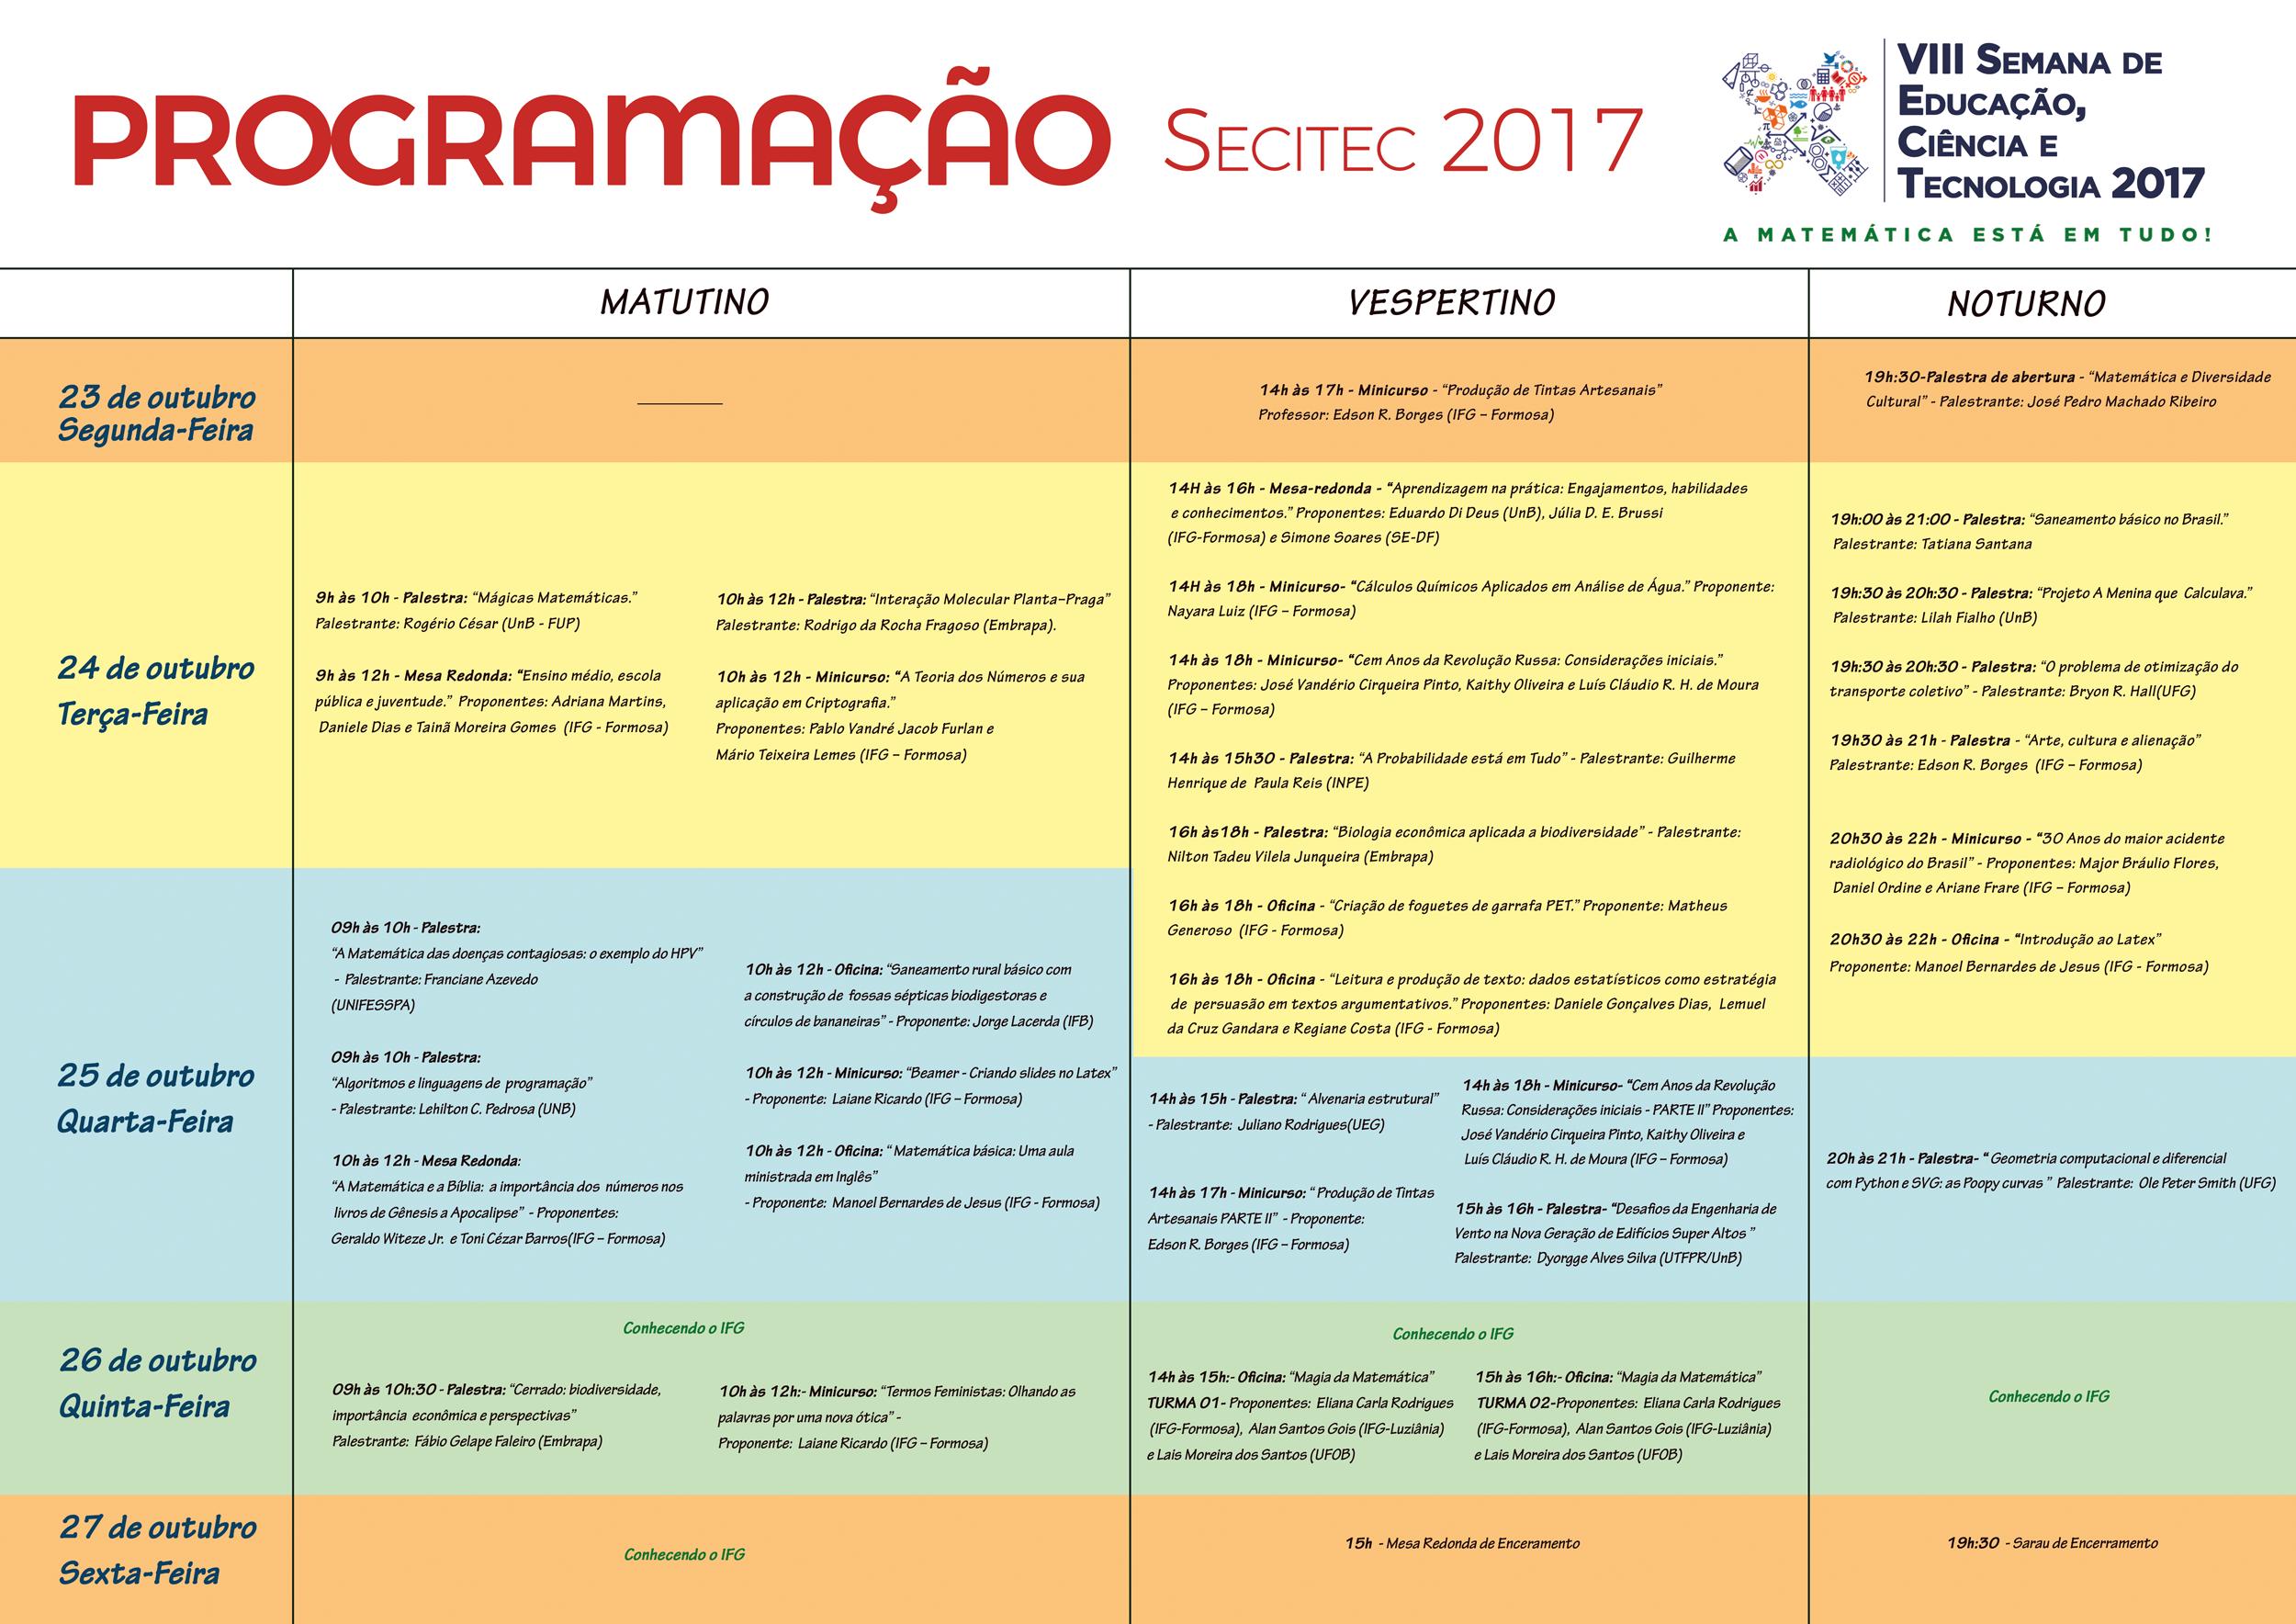 Programação-Secitec-2017-site-evento